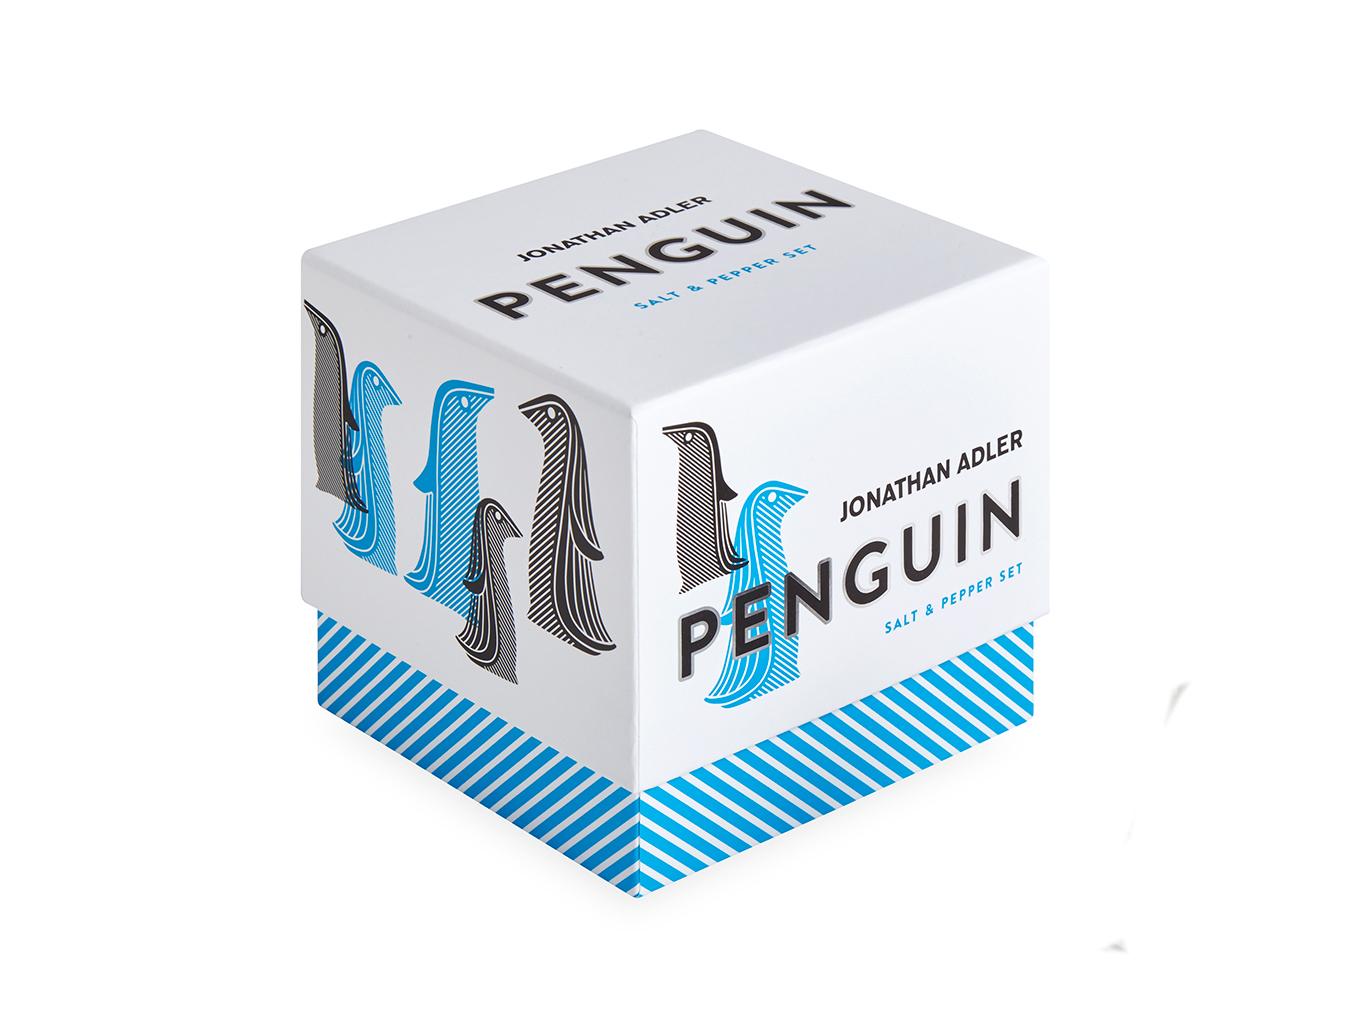 penguin_packaging_mid_century_blue_jonathan_adler.jpg